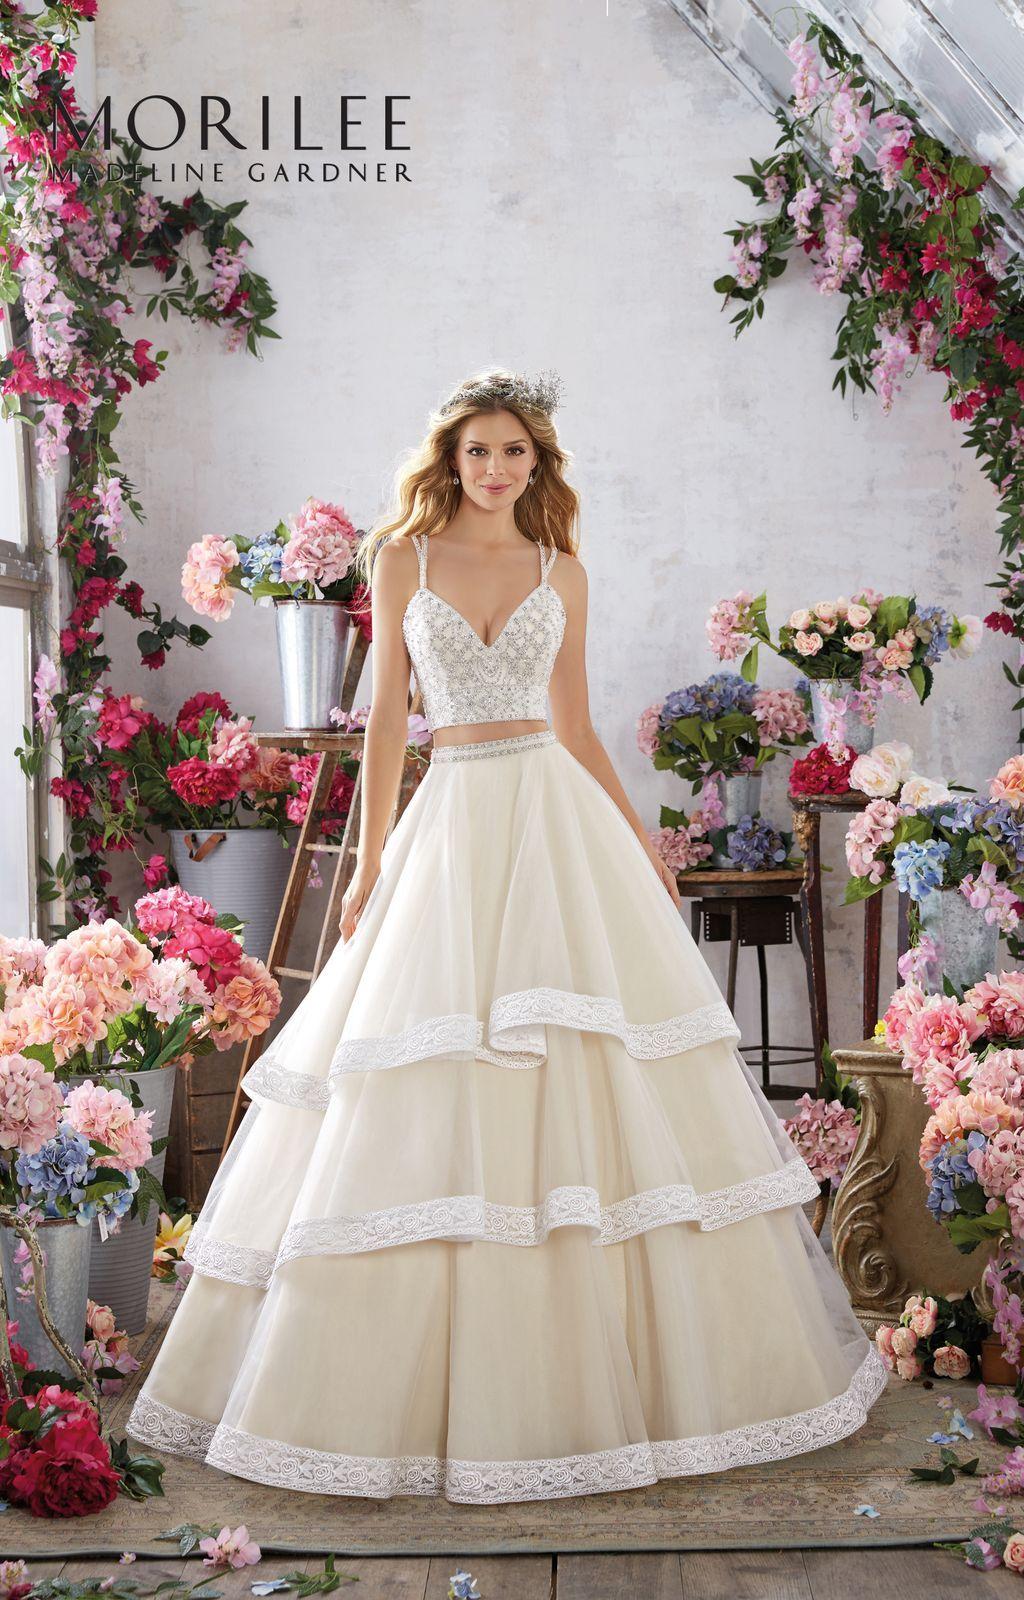 Dziewczeca Dwuczesciowa Suknia Slubna Mori Lee Blyszczacy Gorset Haftowany Koralikami Dekolt W Ksztalcie V Ekspo Tight Wedding Dress Gowns Wedding Dresses